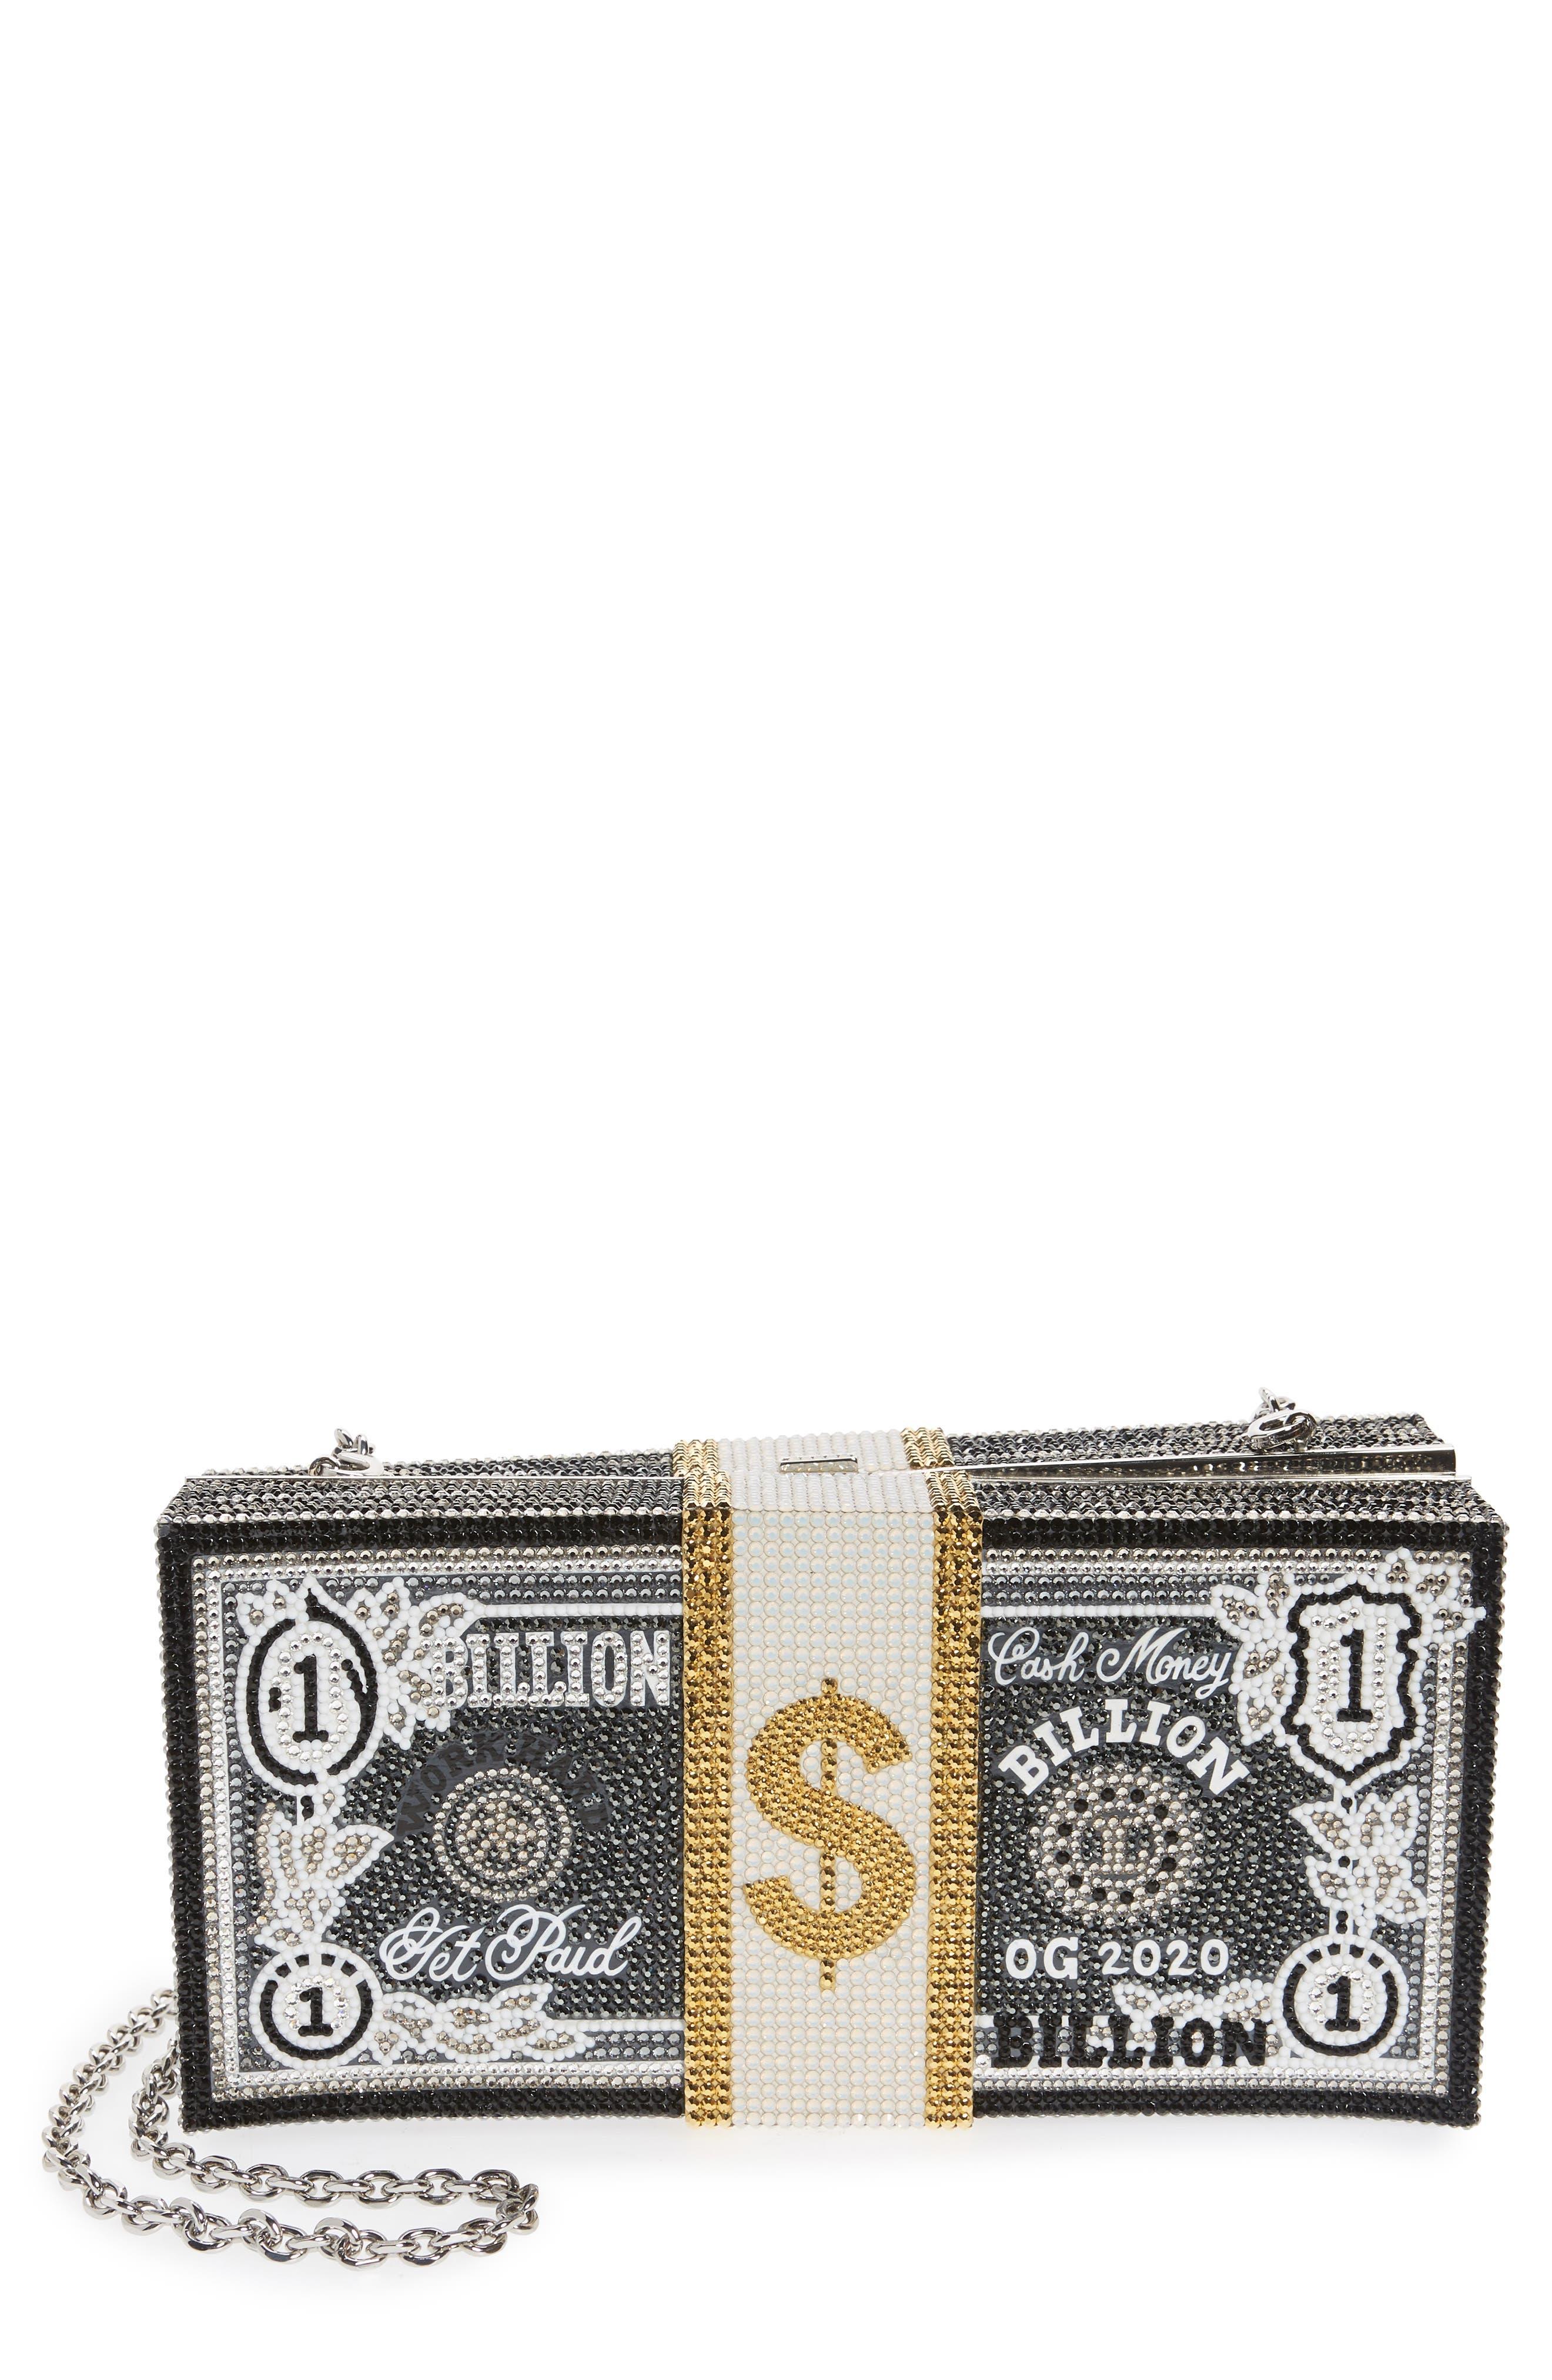 Stack Of Cash Billion Crystal Embellished Clutch